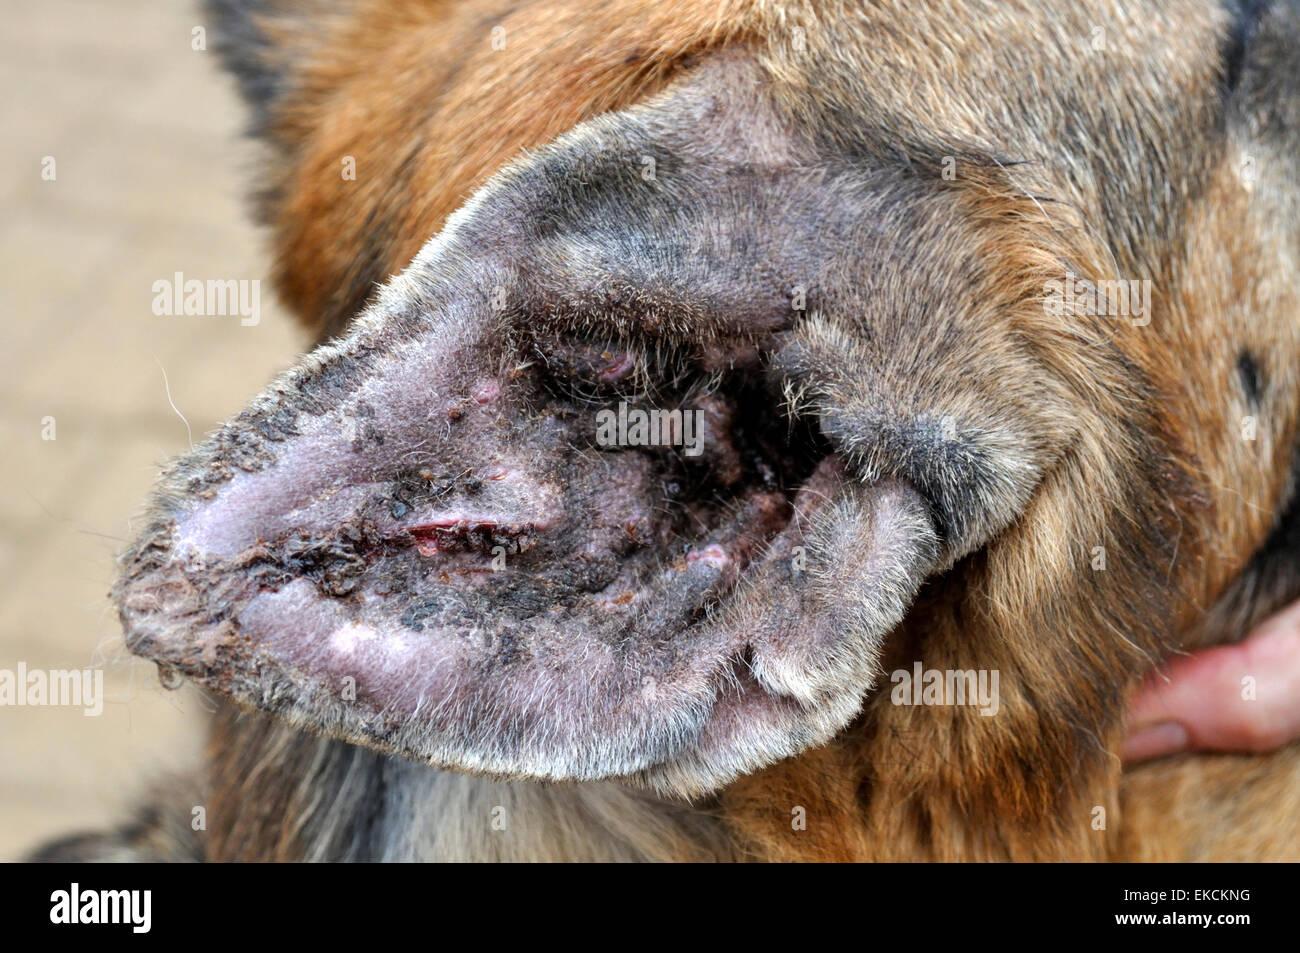 Floppy Ear Dog Hematoma